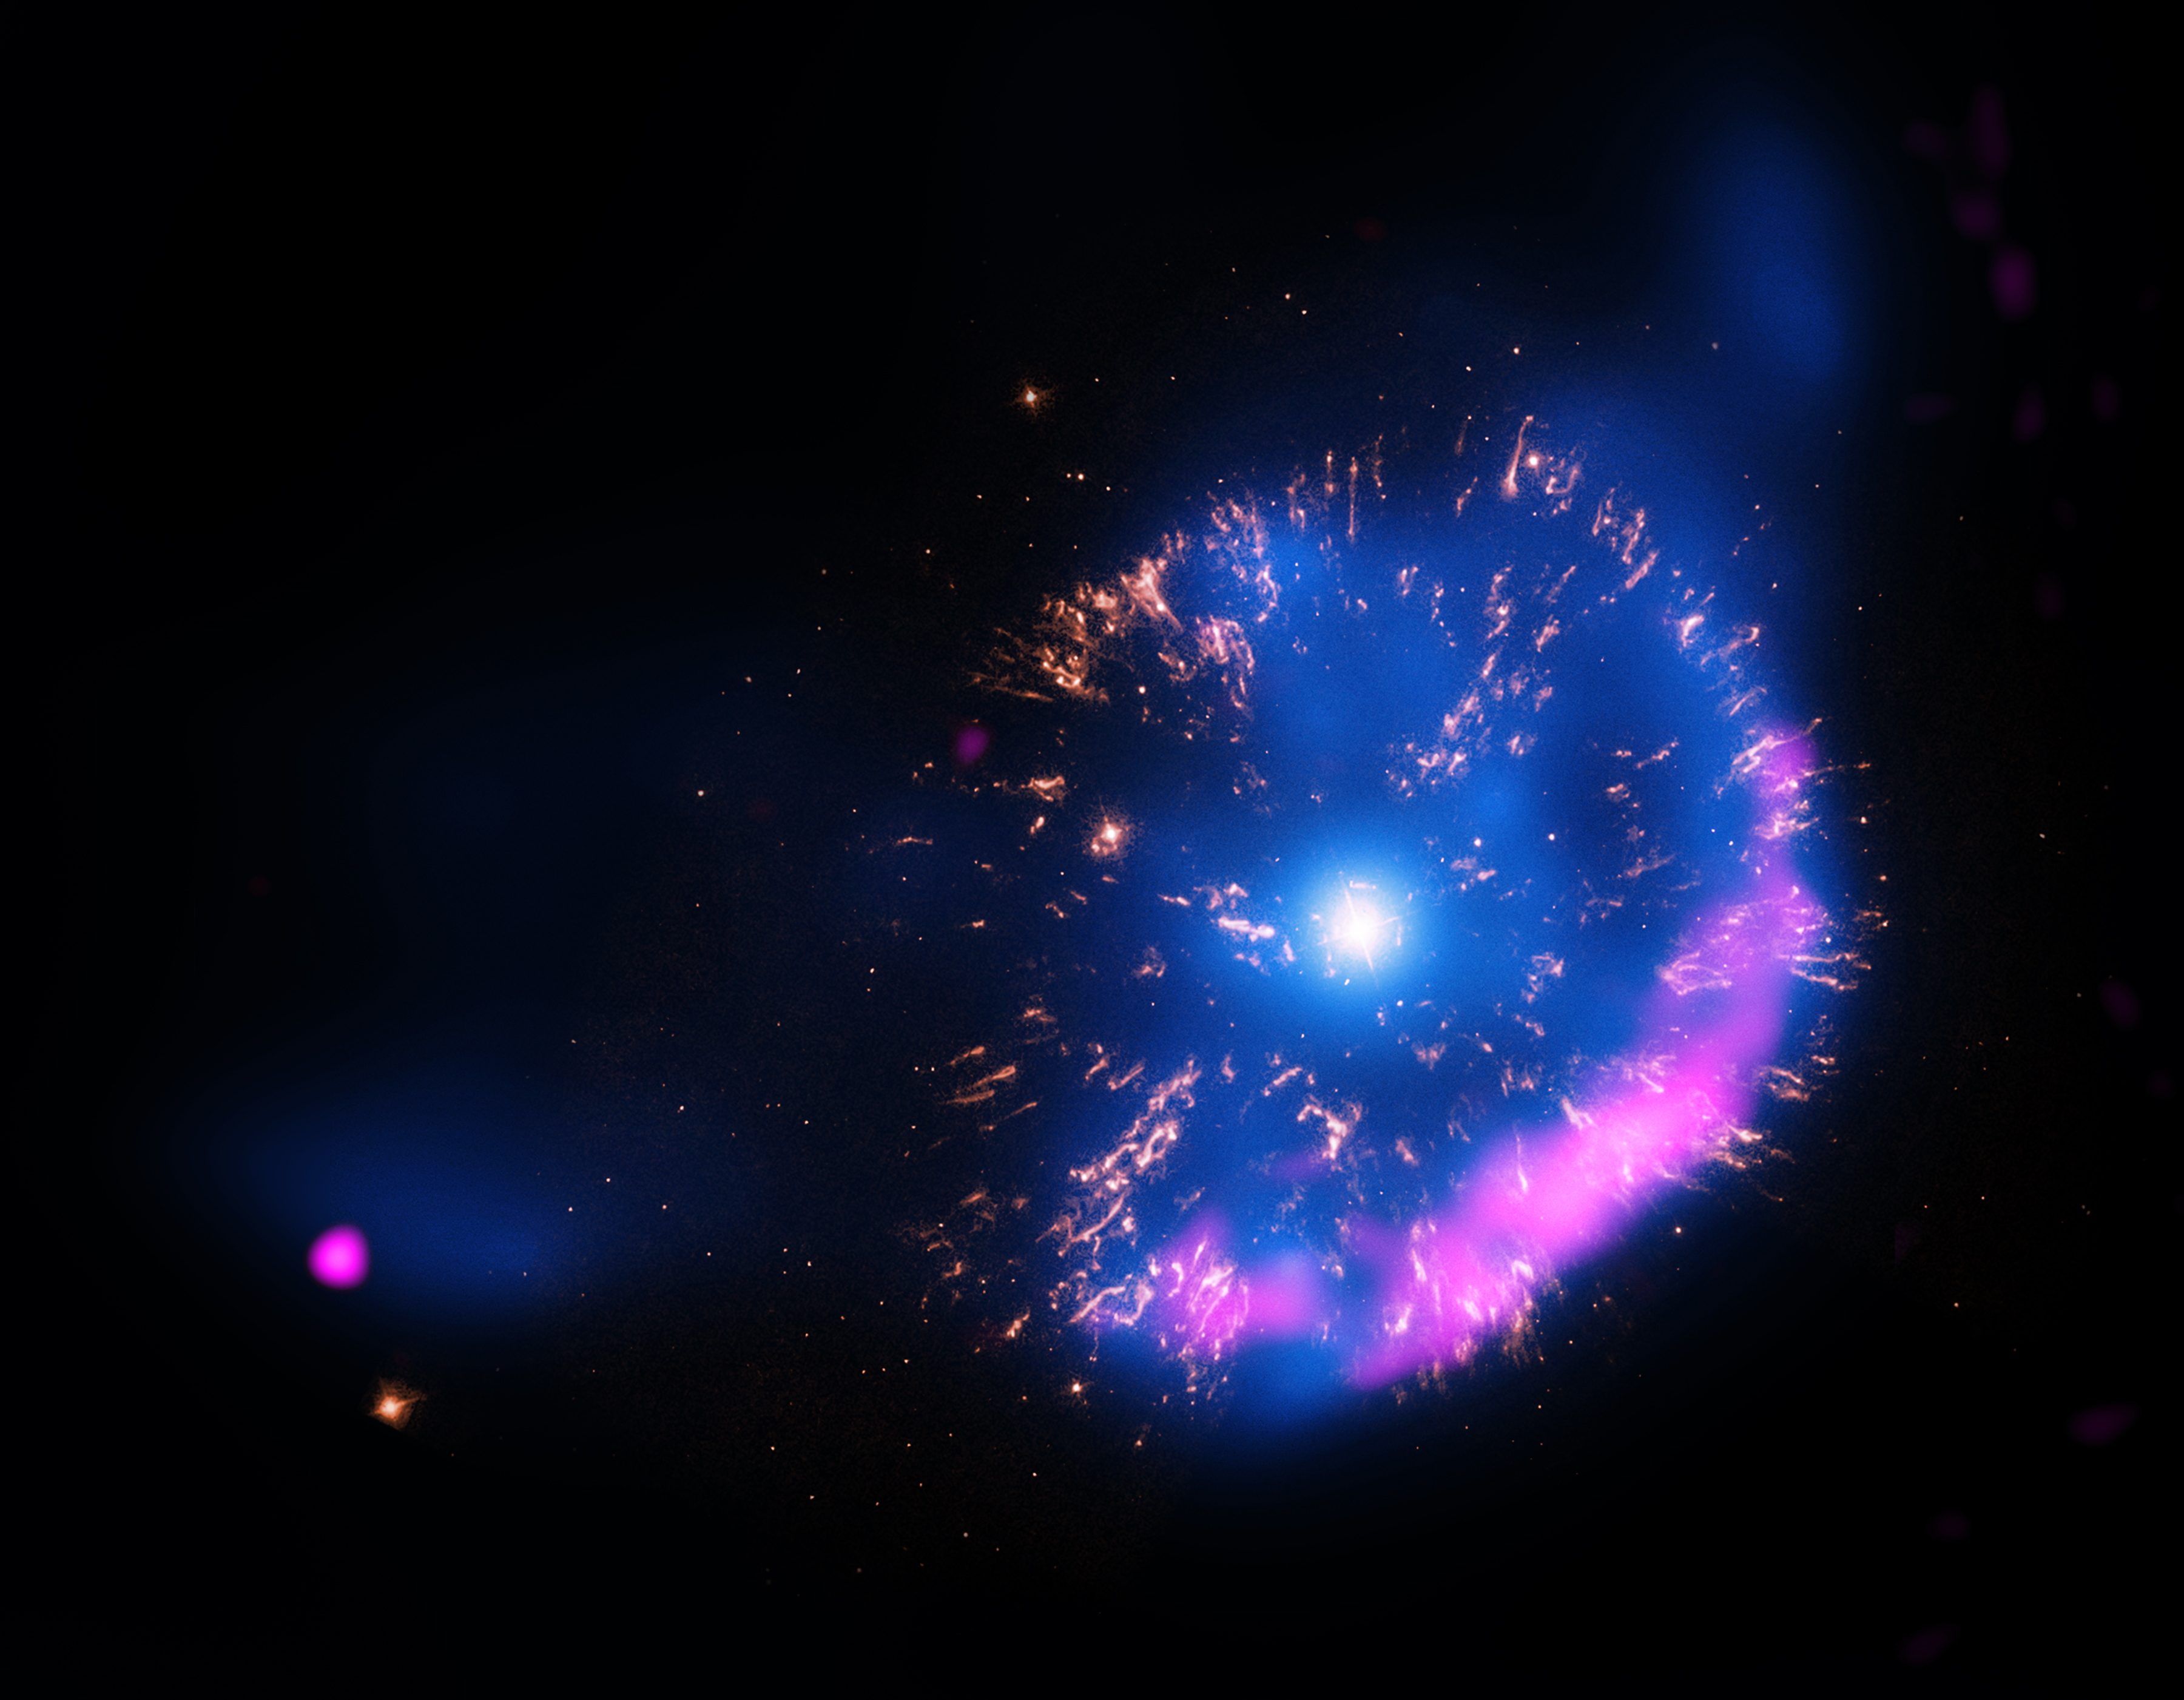 Nova GK Per'in kompozit X-ışın, optik ve radyo görseli.